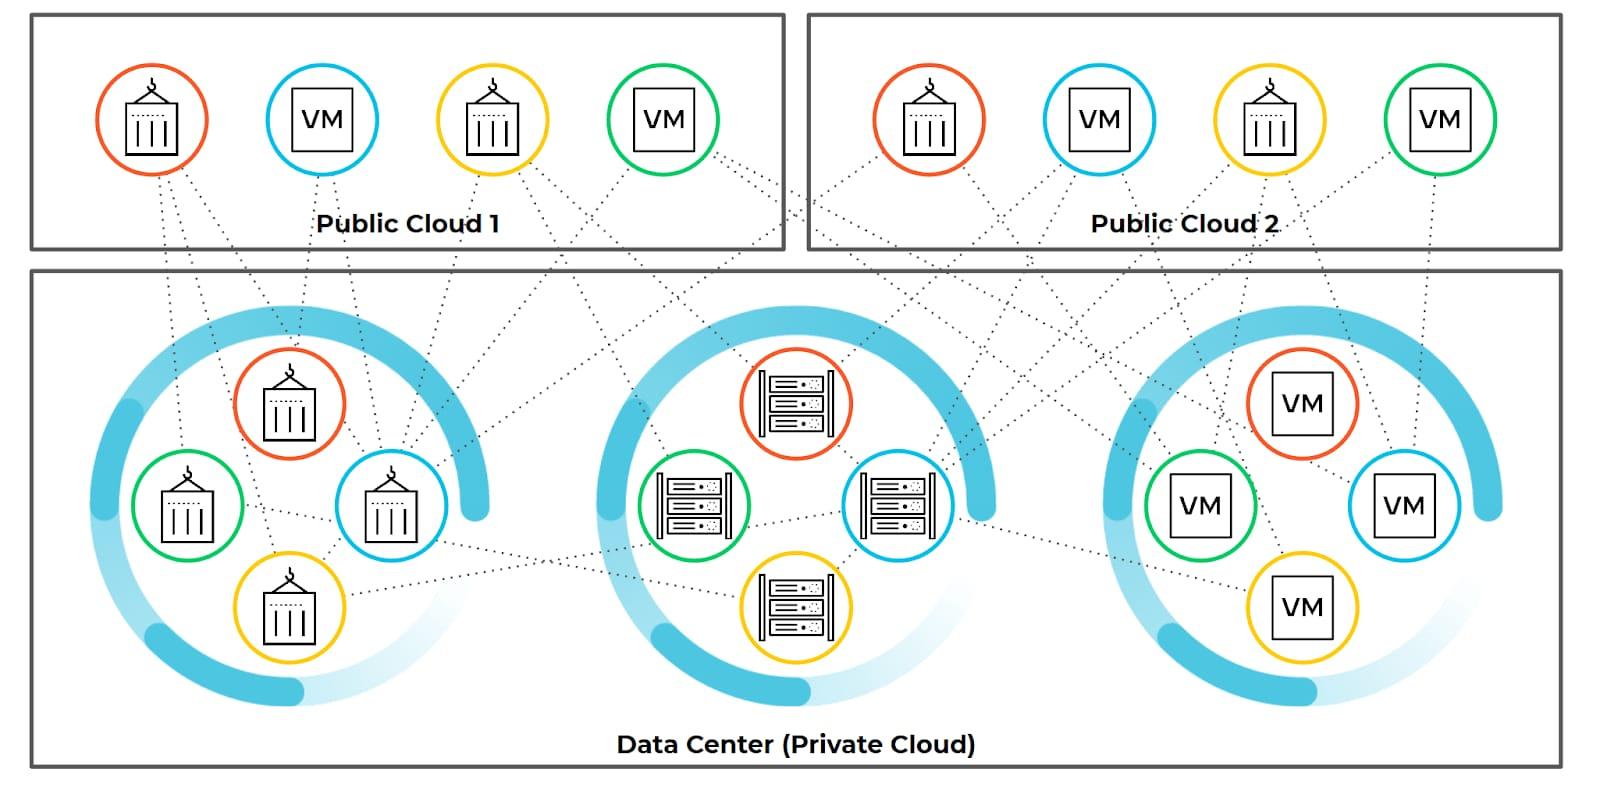 ゼロトラストを徹底するには、組織はワークロード全体について、ゼロトラストの原則を考慮していかねばなりません。この図は、ハイブリッドネットワークを相互接続する方法を示しています。ワークロードは、さまざまなデータセンターとパブリッククラウド間を移動できます。